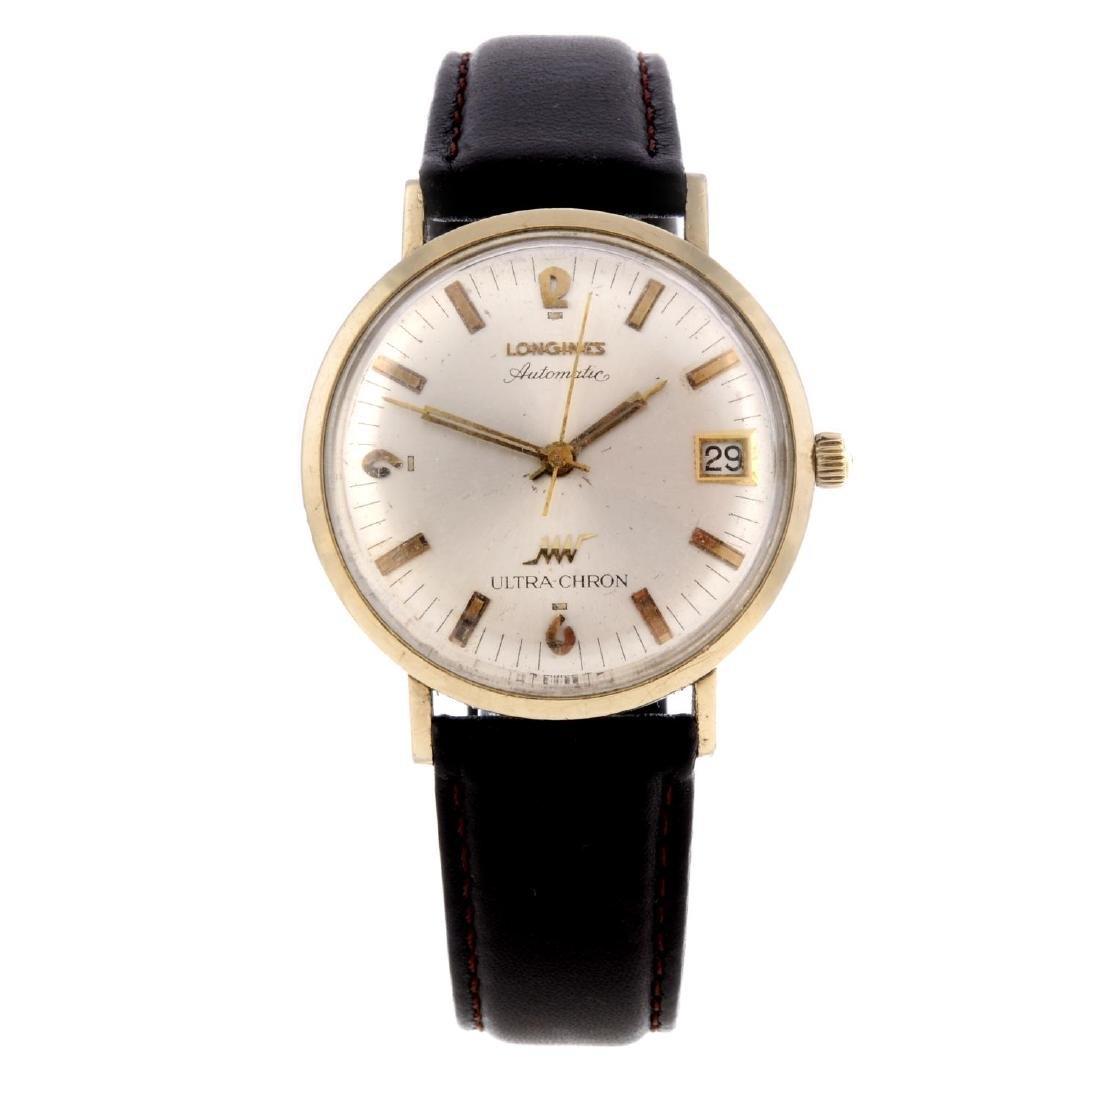 LONGINES - a gentleman's Ultra-Chron wrist watch. Gold